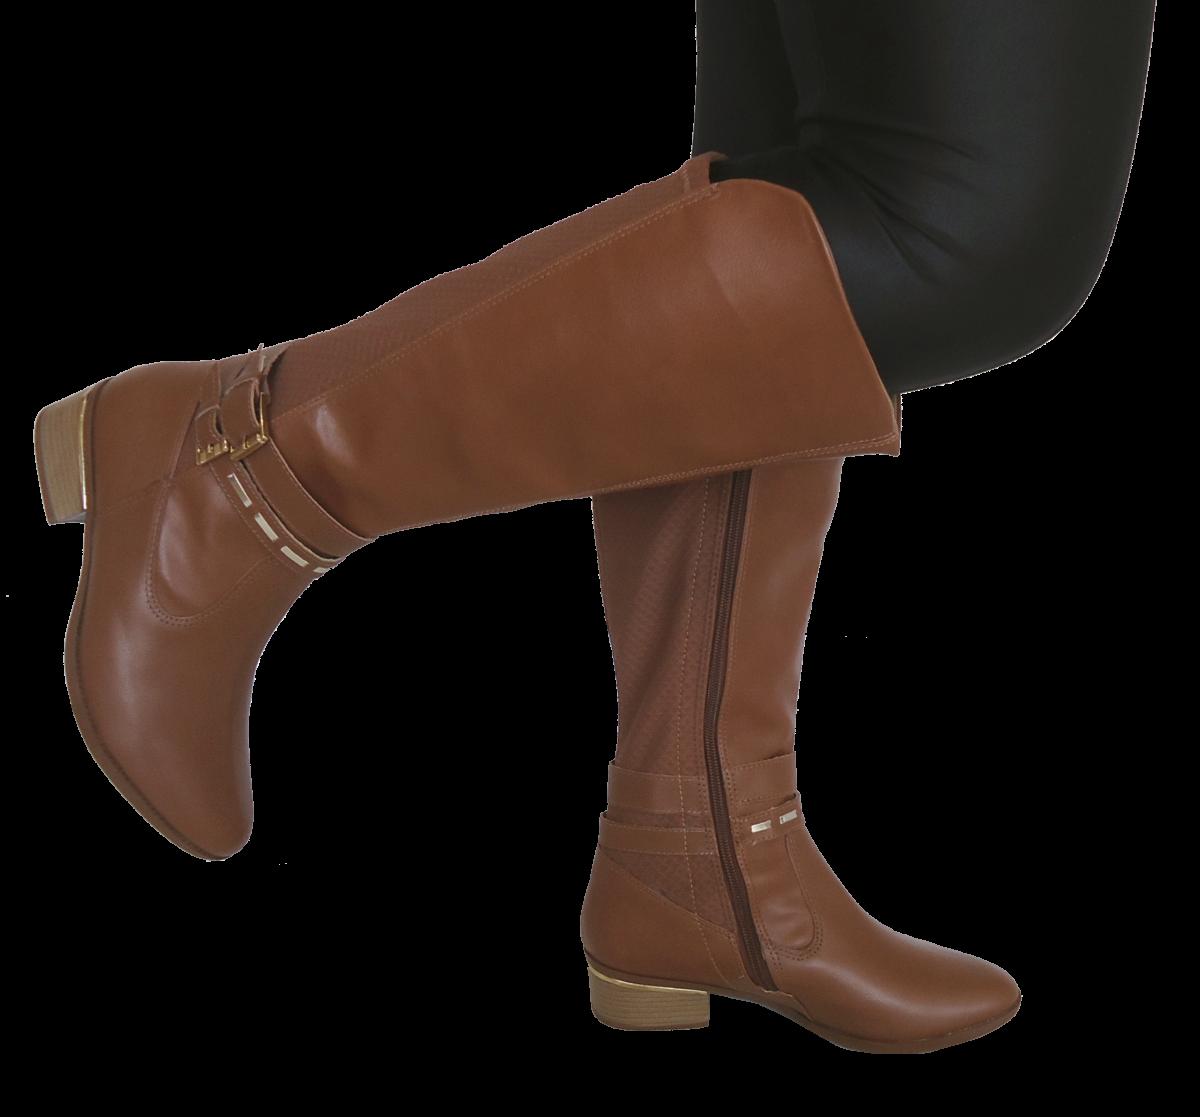 c4faf7dd7 Sapatos tamanho grande conforto Comfortflex | Dtalhe Calçados